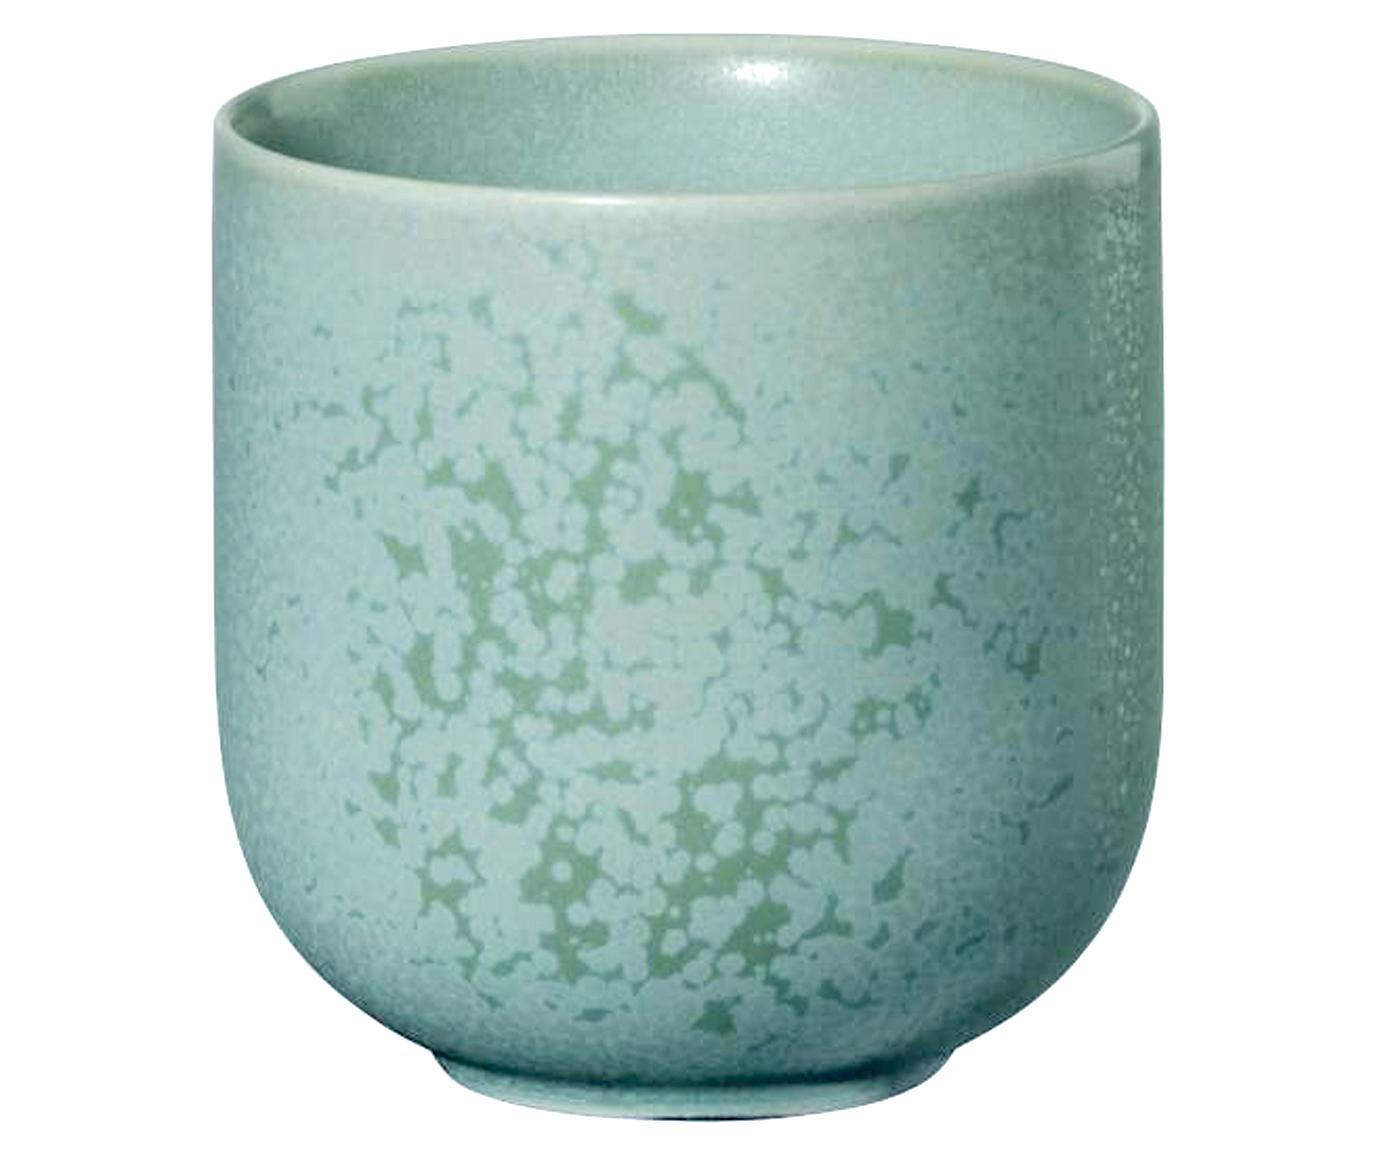 Handgemachte Becher Coppa in Mintgrün gesprenkelt, 2 Stück, Porzellan, Mintgrün, Ø 8 x H 8 cm